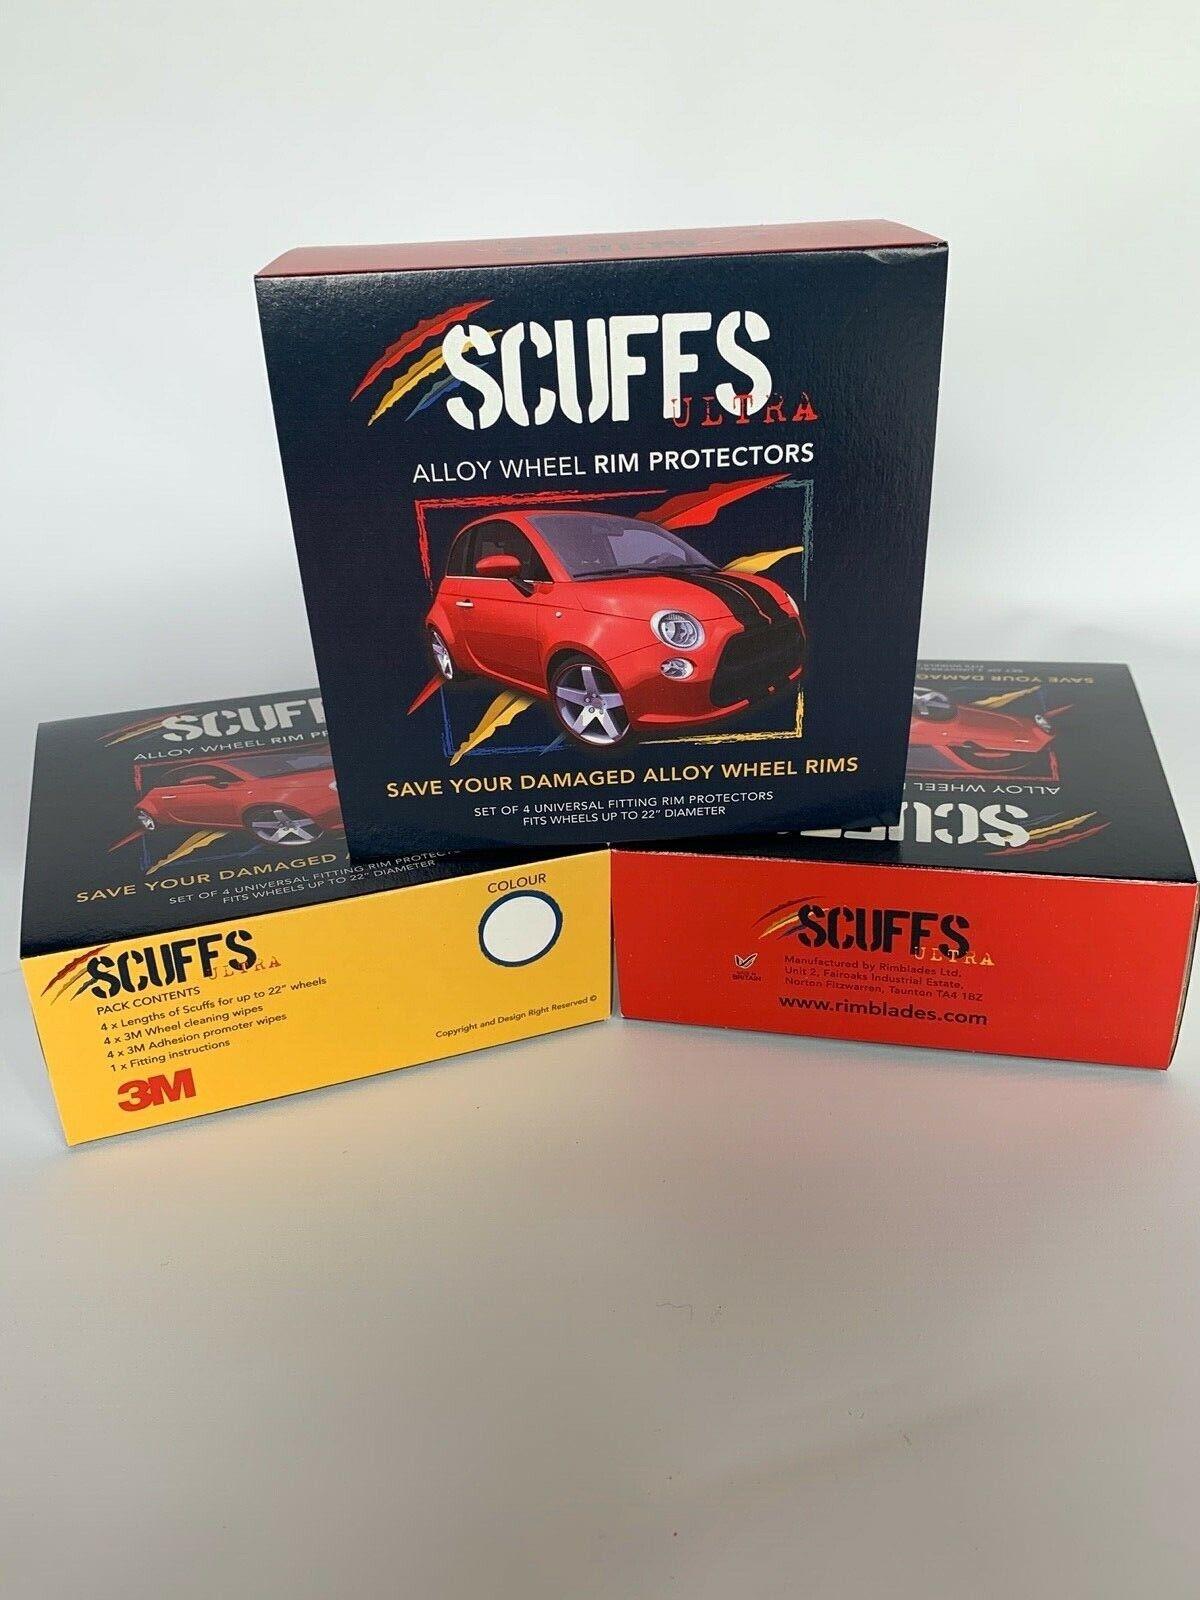 Red Scuffs by Rimblades Alloy Wheel Rim Protectors// rim Guards//rim tape